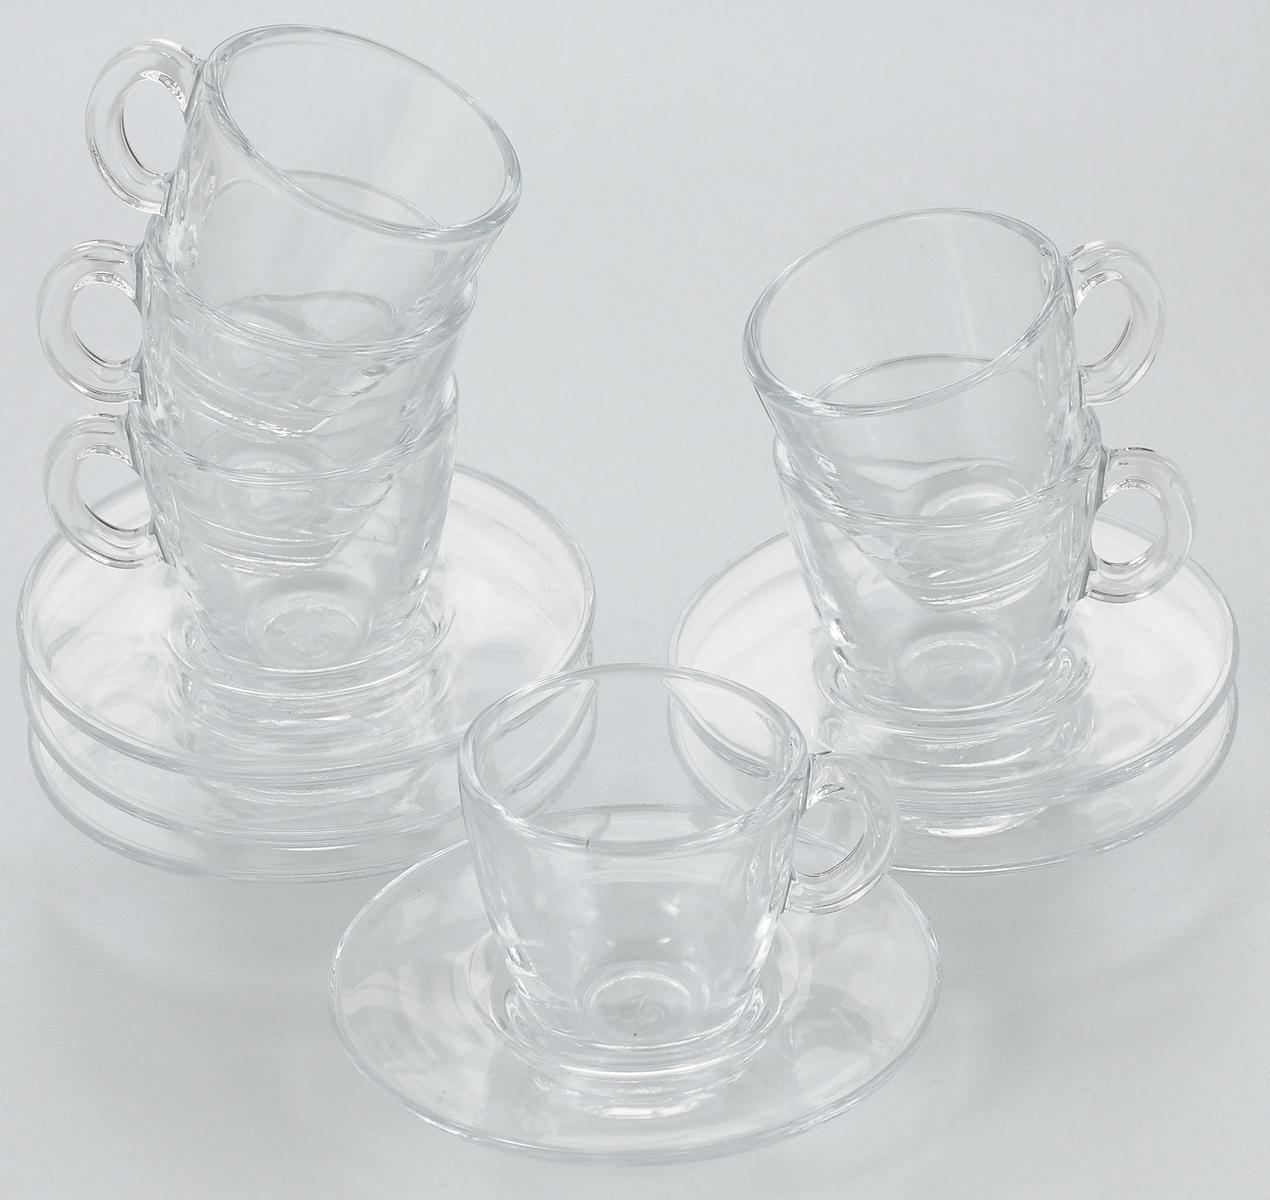 Набор чайный Pasabahce Aqua, 12 предметов. 95756BT95756BTЧайный набор Pasabahce Aqua состоит из шести чашек и шести блюдец. Предметы набора изготовлены из прочного натрий-кальций-силикатного стекла. Изящный чайный набор великолепно украсит стол к чаепитию и порадует вас и ваших гостей ярким дизайном и качеством исполнения.